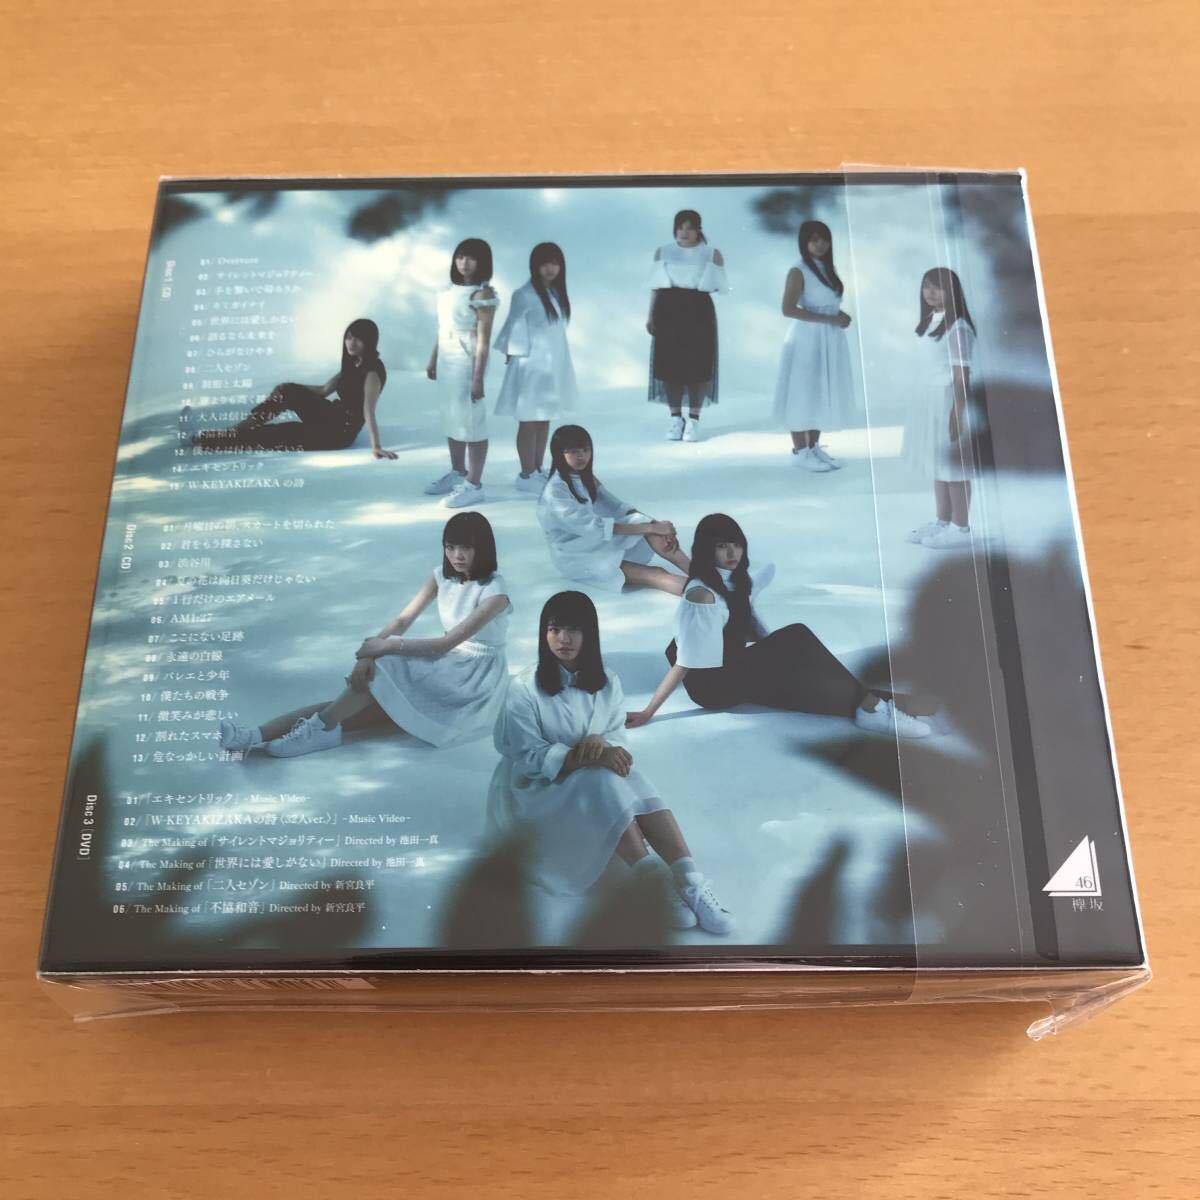 ◆ 欅坂46 真っ白なものは汚したくなる 初回仕様限定盤Type-A+初回仕様限定盤Type-B 新品未開封 ◆ お早めに_画像5